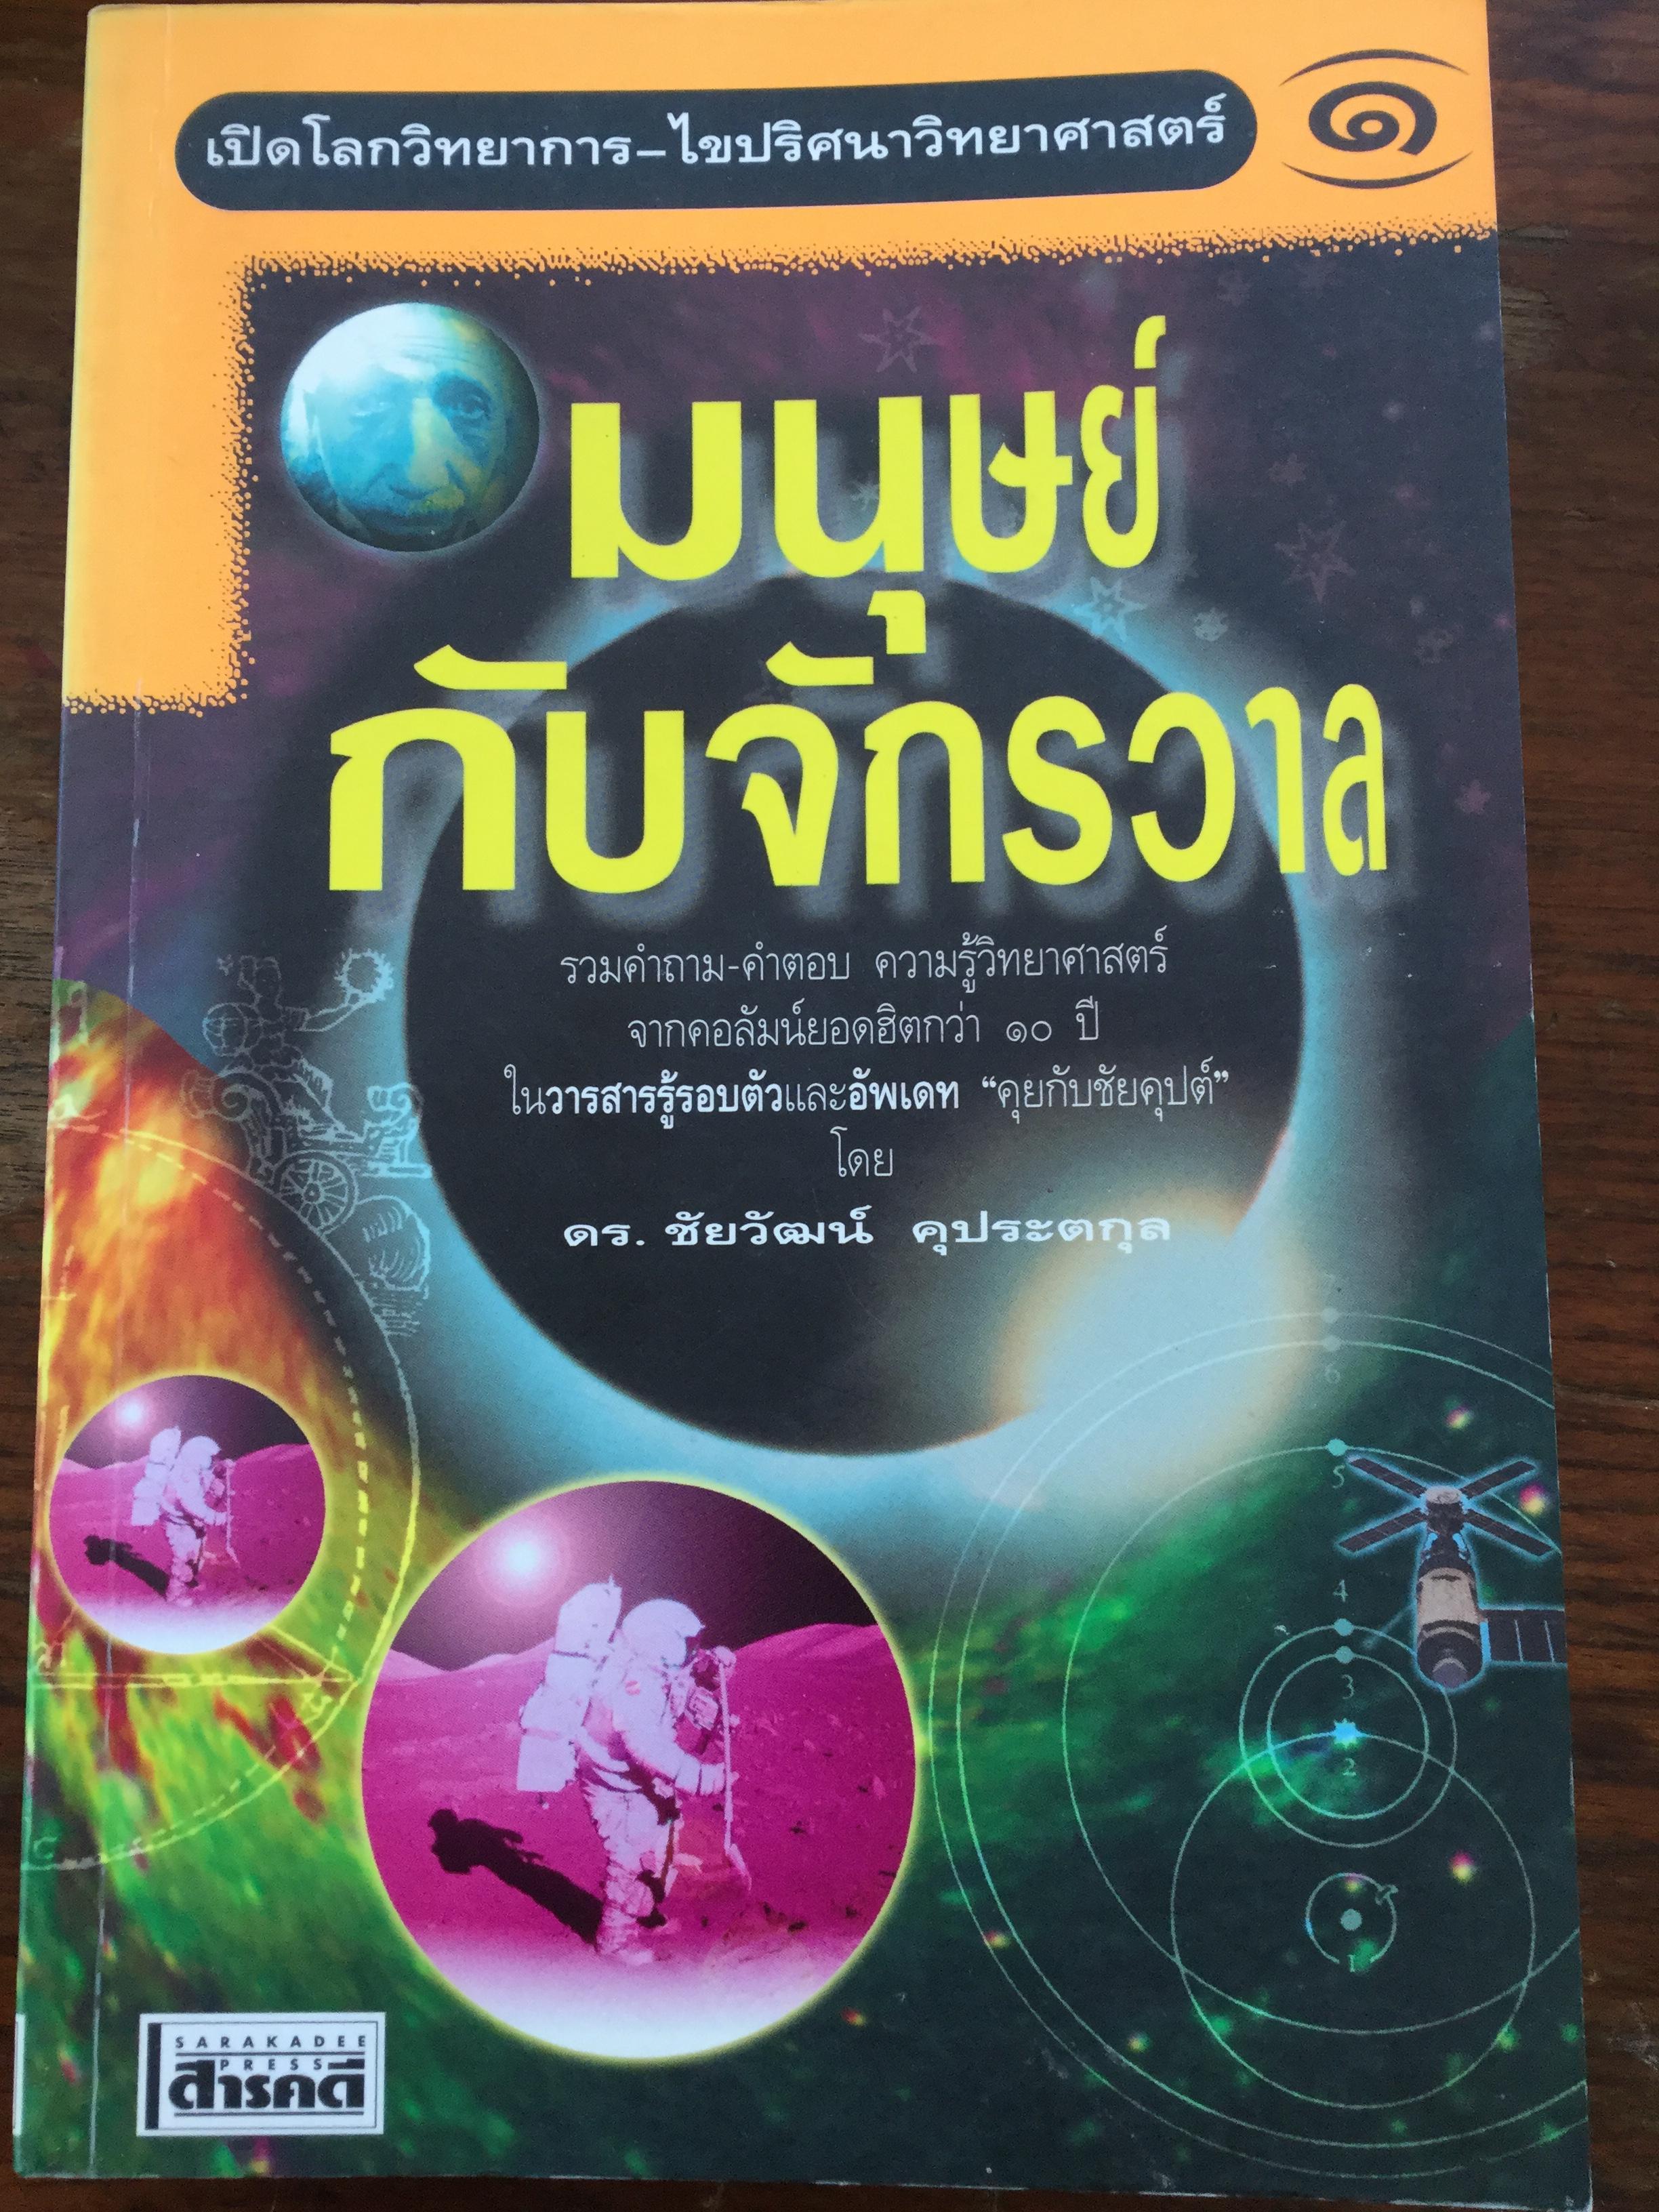 มนุษย์กับจักรวาล. รวมคำถาม-คำตอบ ความรู้วิทยาศาสตร์จากคอลัมน์ยอดฮิตกว่า 10 ปี ในวารสารรู้รอบตัว